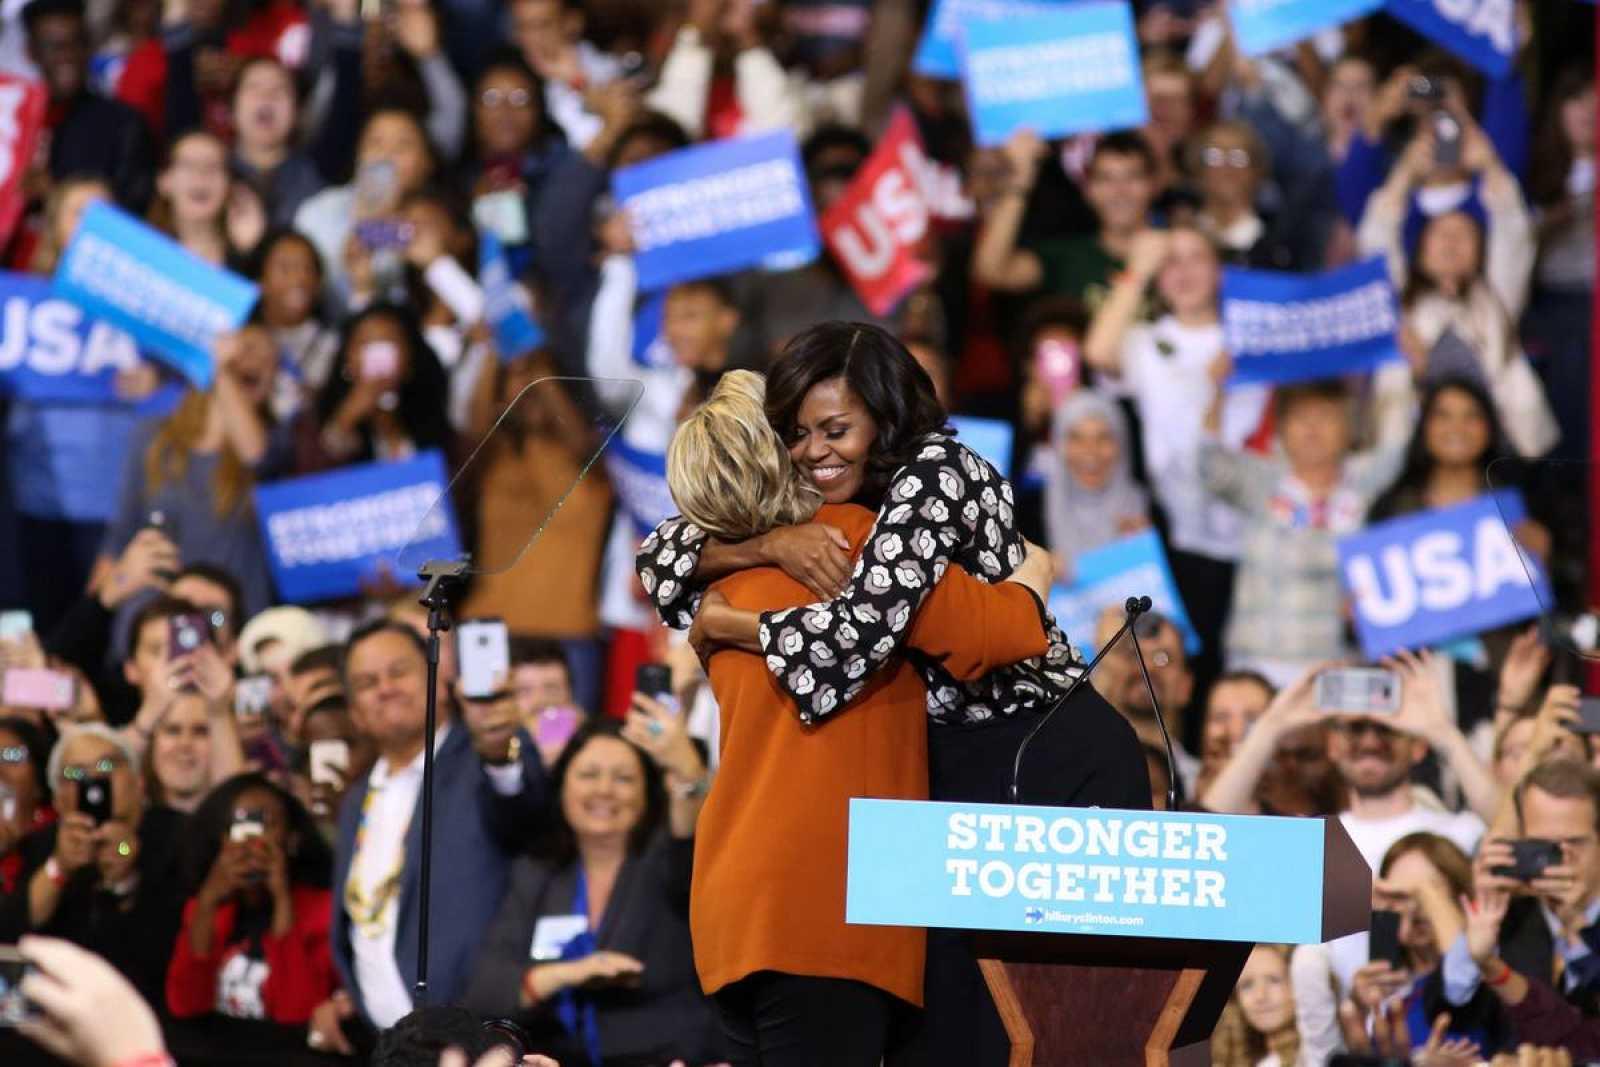 La candidata demócrata Hillary Clinton y la primera dama Michelle Obama se abrazan en su primer mítin juntas, en Carolina del Norte.